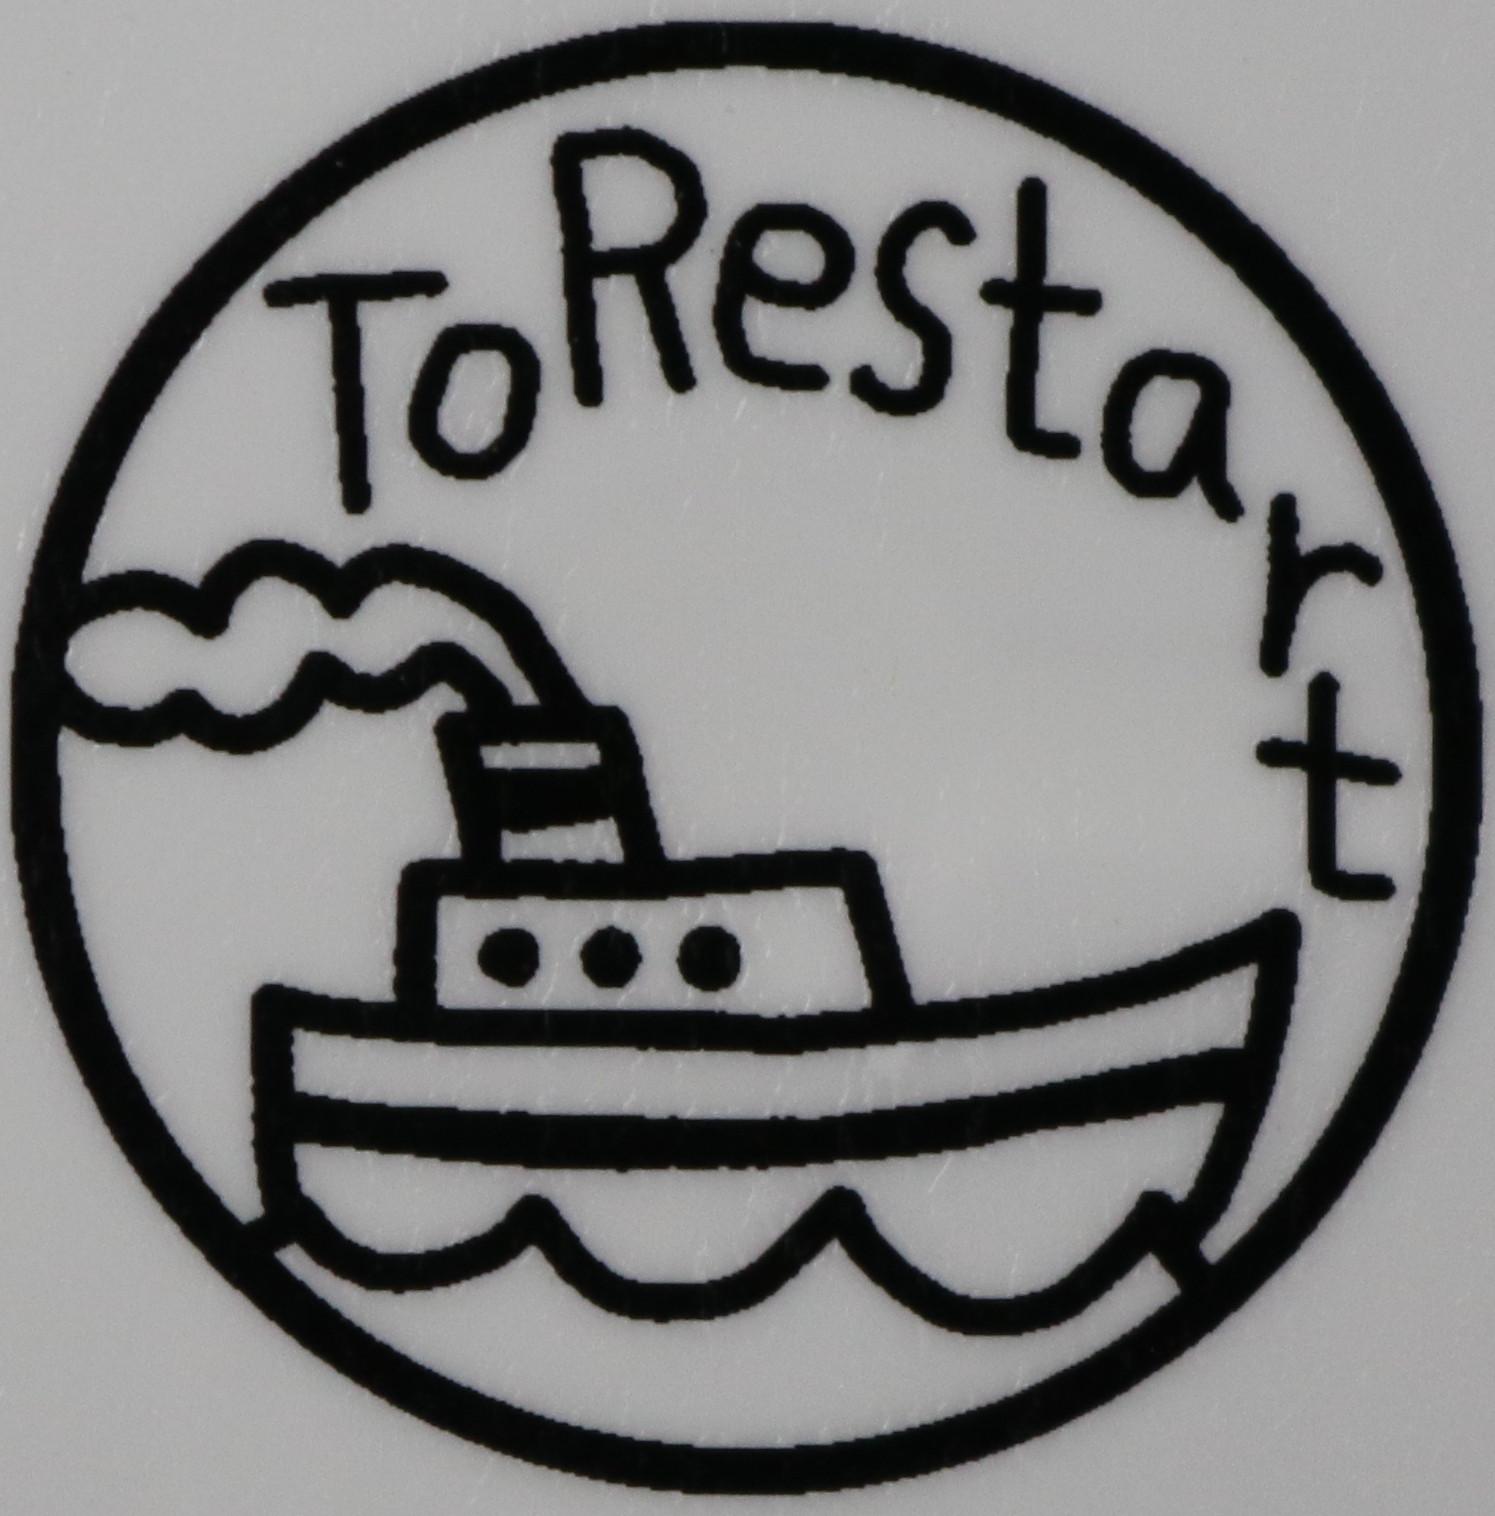 ToRestart